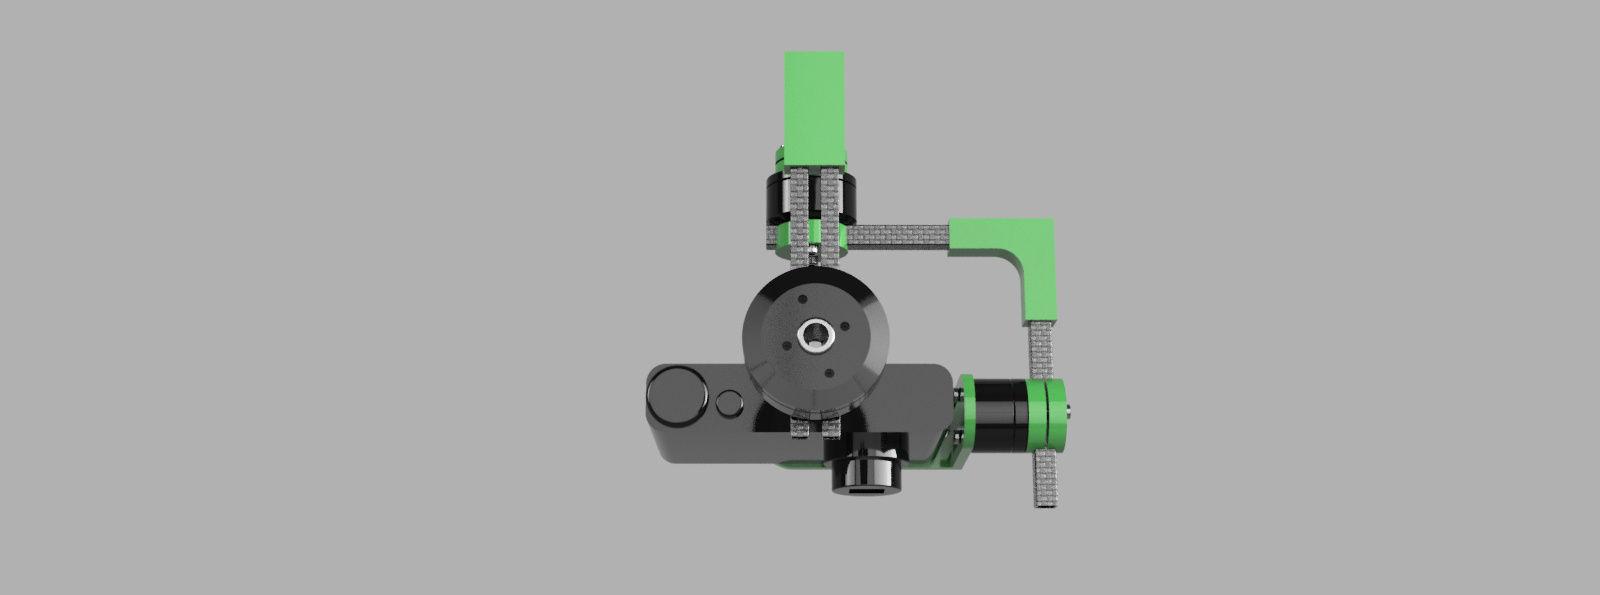 Versatile 3-axis gimbal (3D-Print)|Autodesk Online Gallery